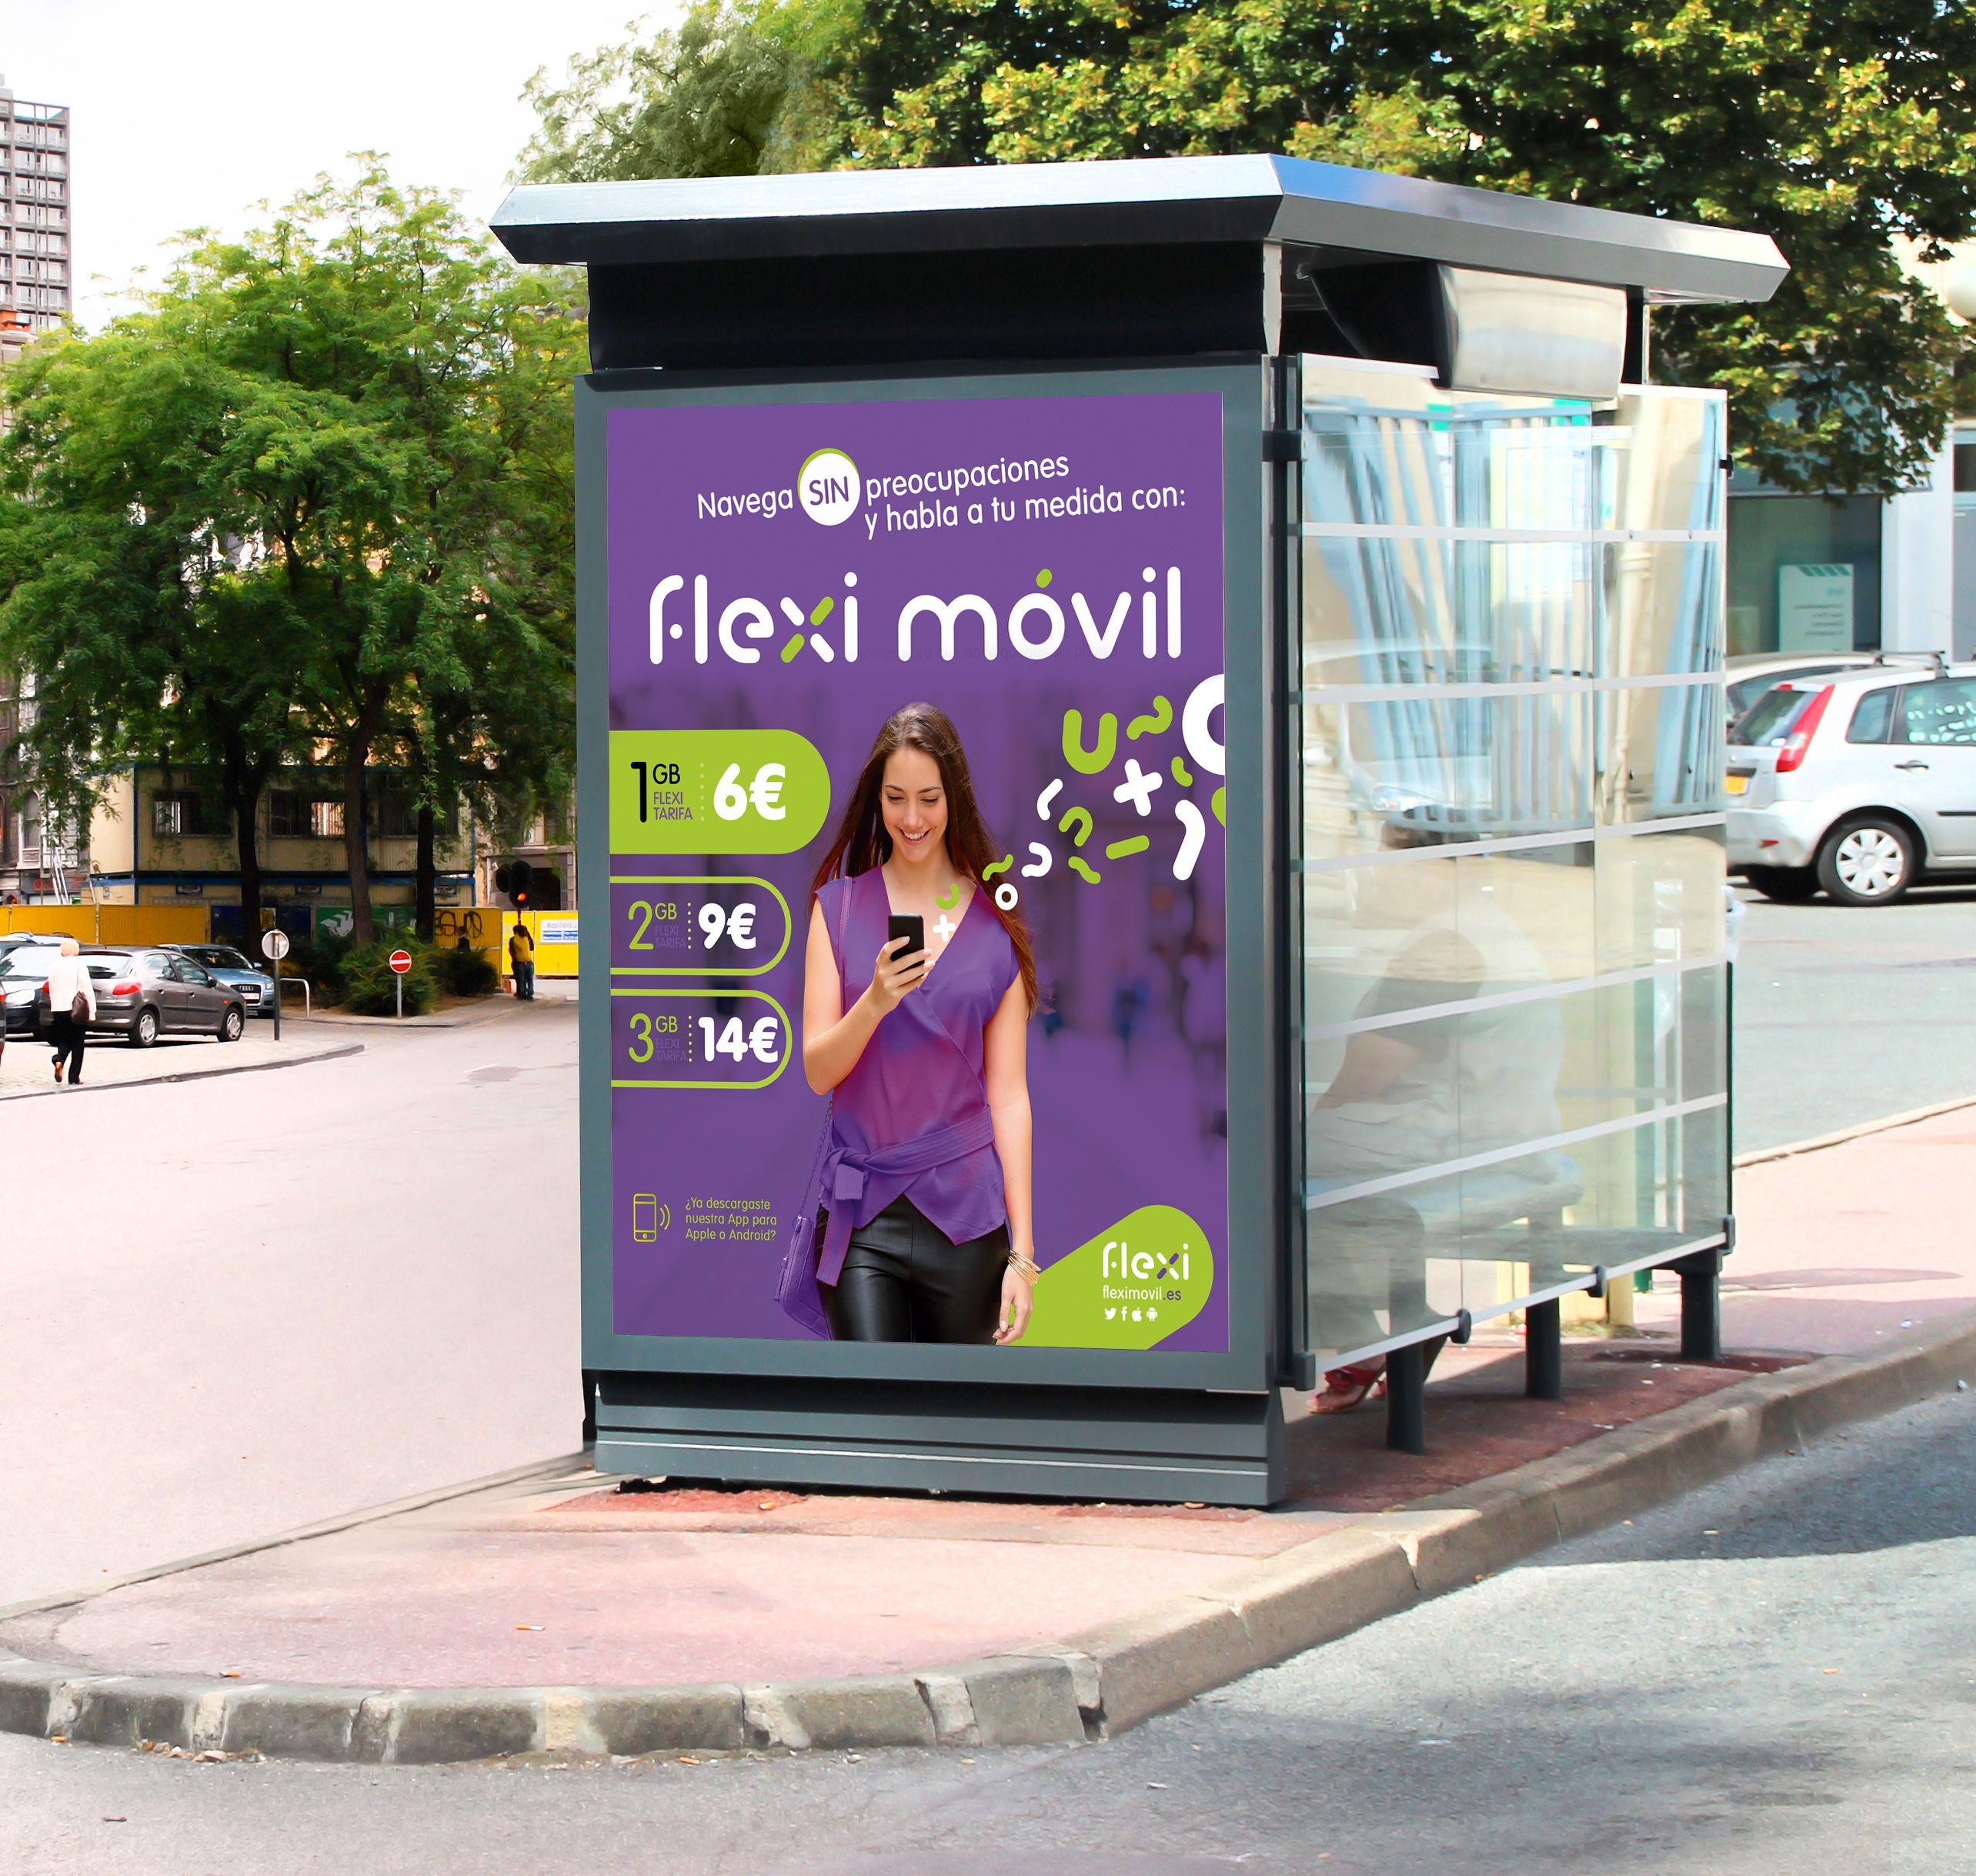 Cartel para el lanzamiento de Flexi Moviel la nueva marca de operador movil